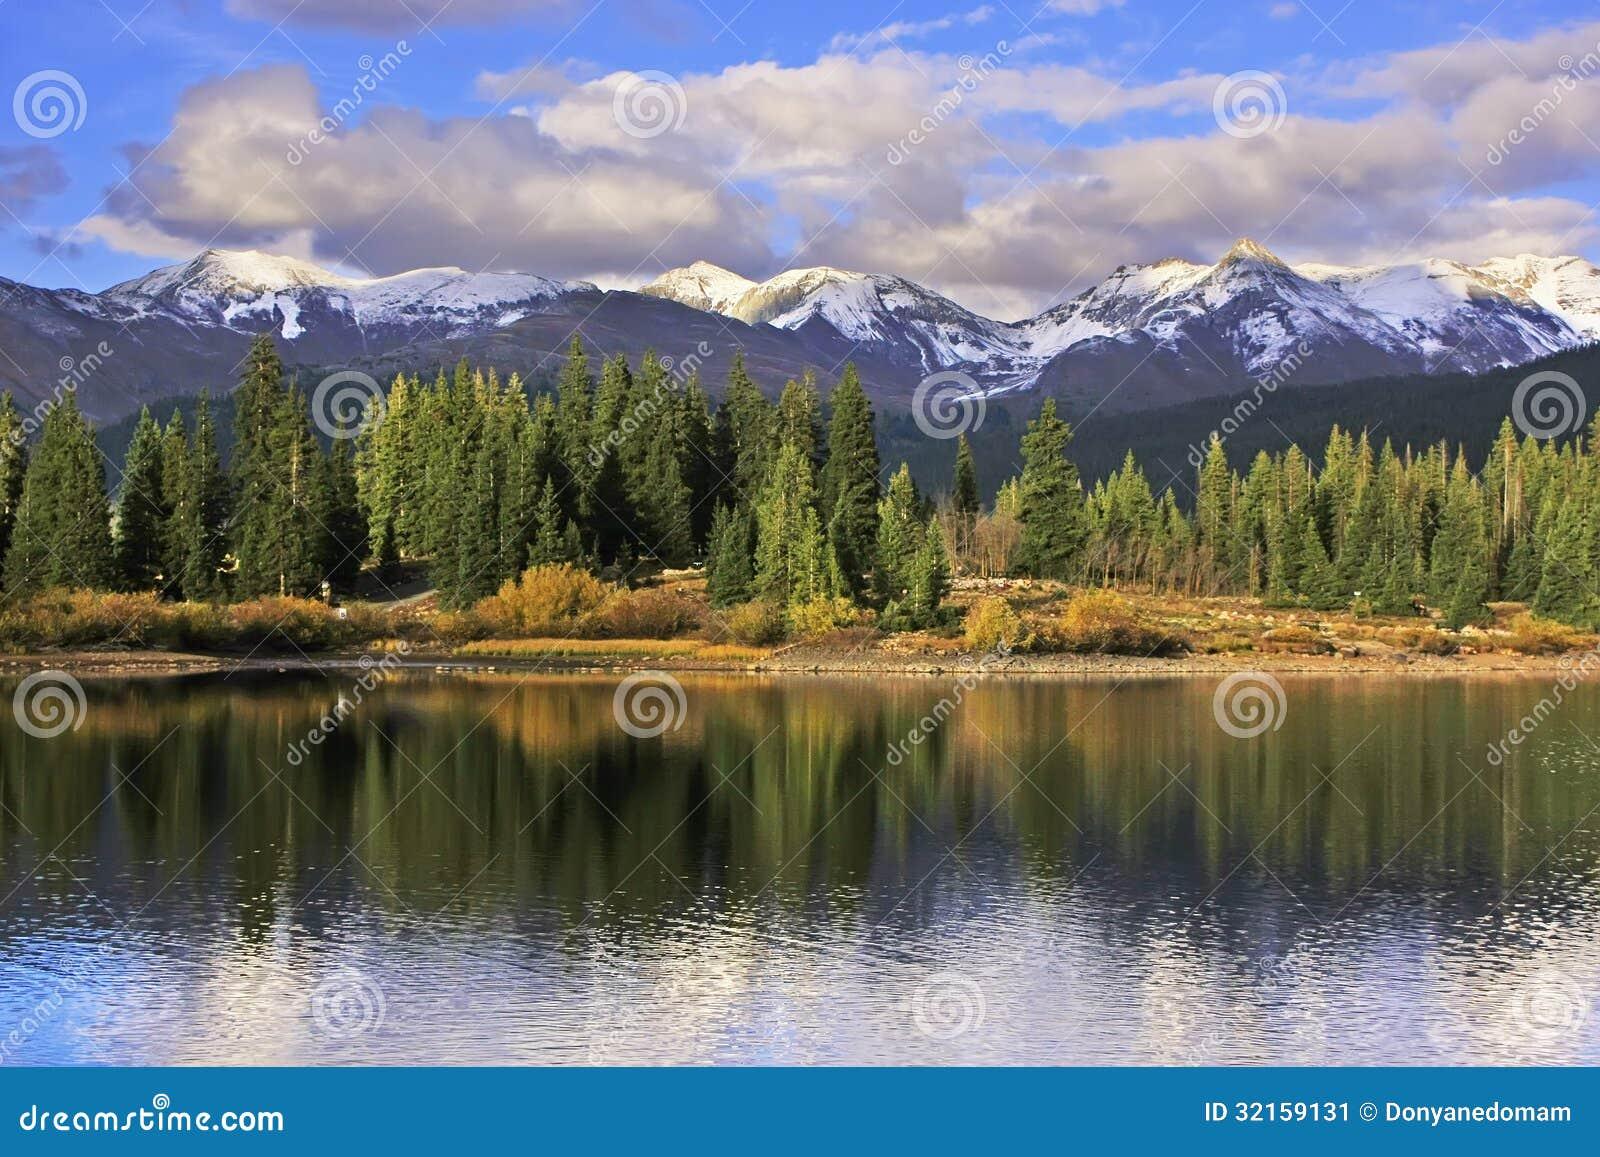 Lago molas e montagne dell ago, regione selvaggia di Weminuche, Colorado